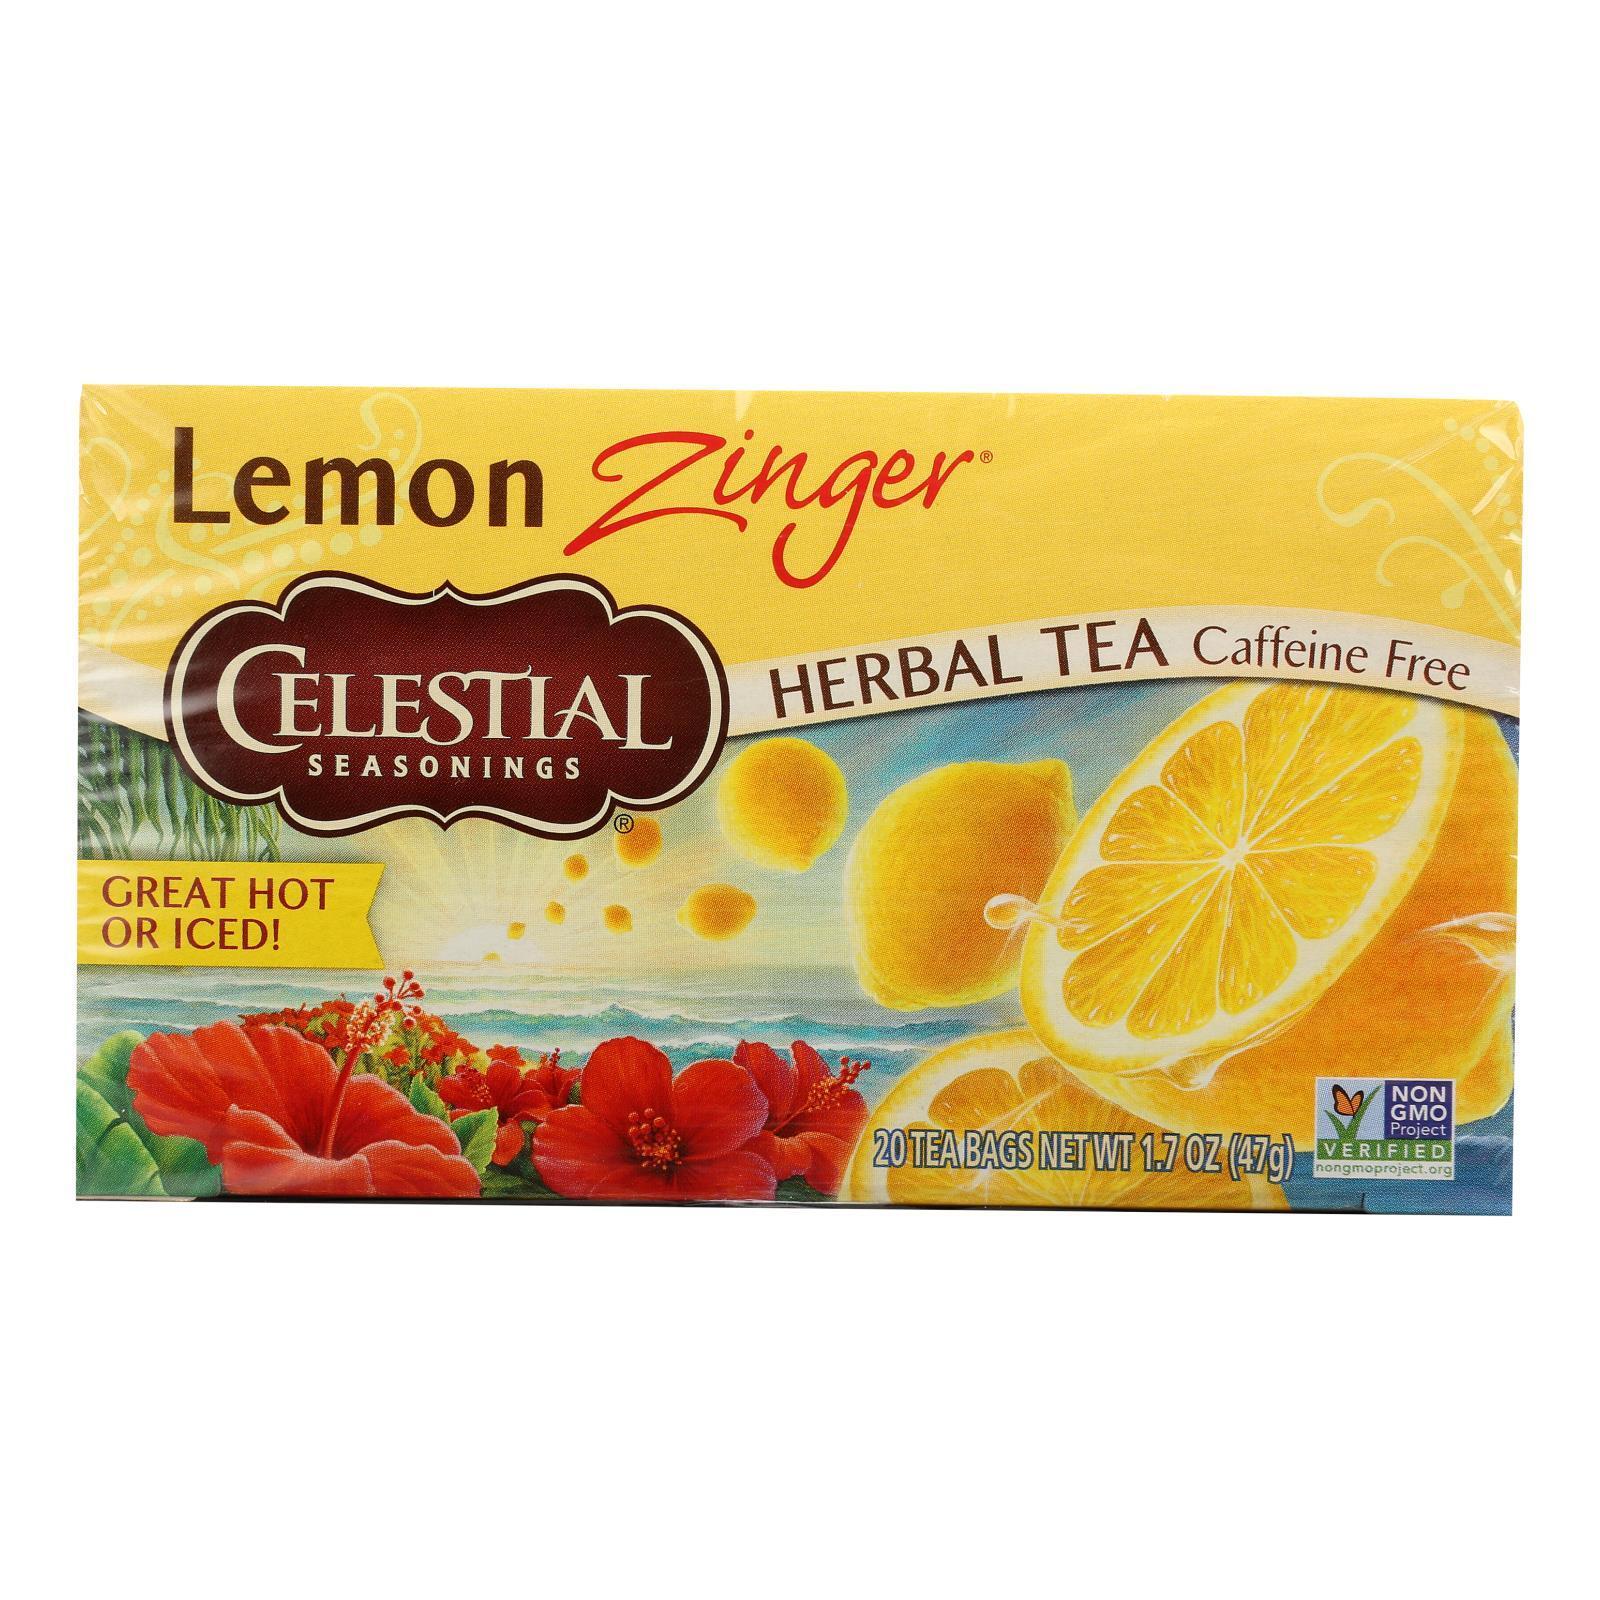 Celestial Seasonings Herbal Tea - Lemon Zinger - 20 Bags